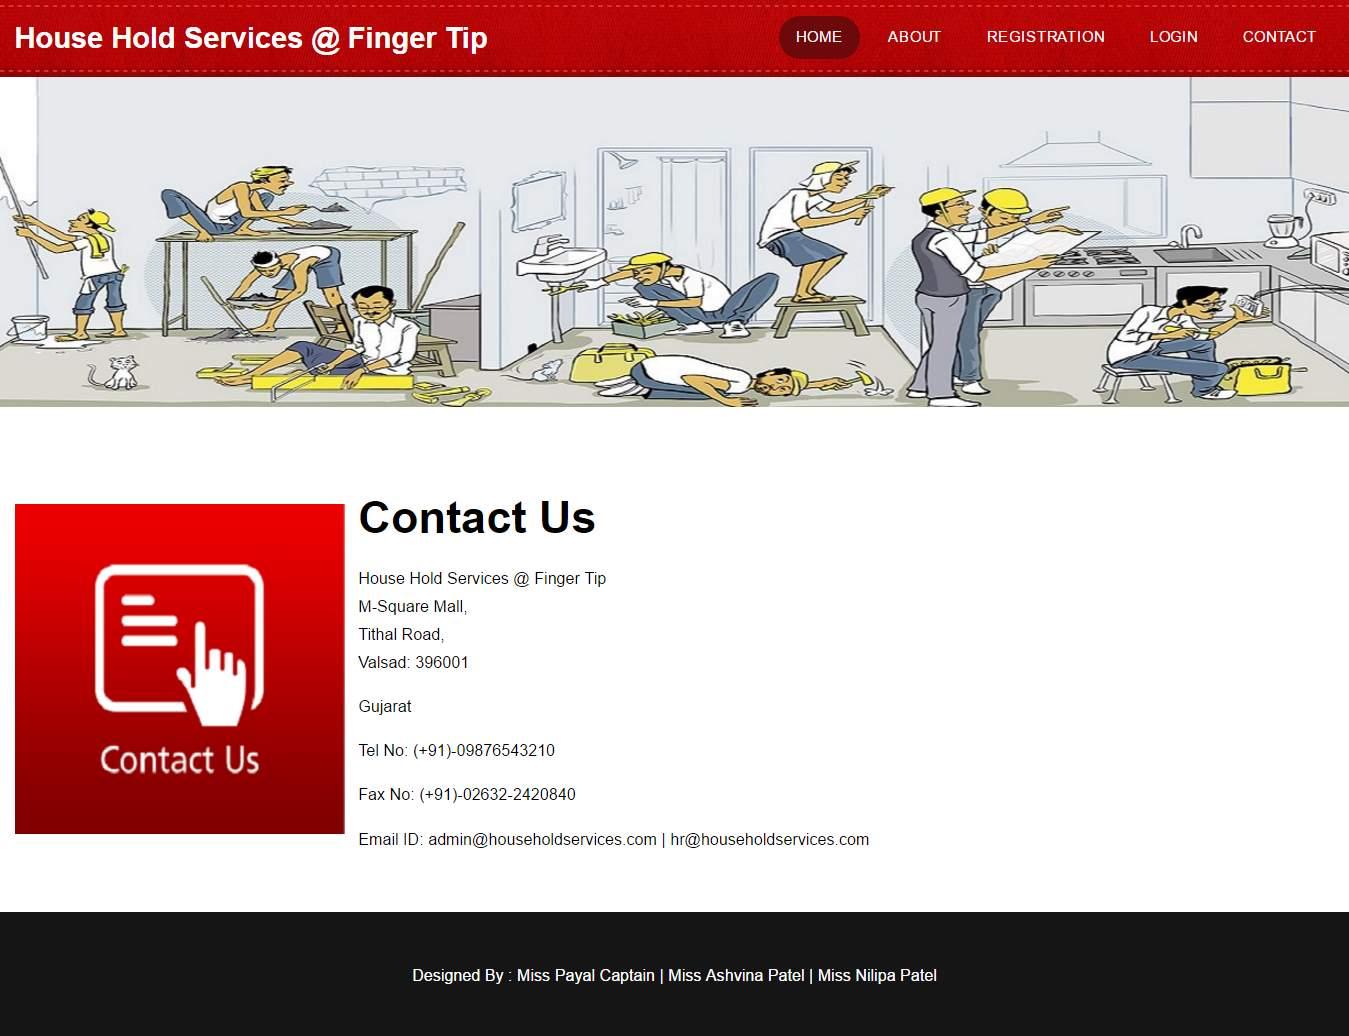 C:UsersuserDesktopDIAGRAMPROJECT IMAGECONTACT US.png